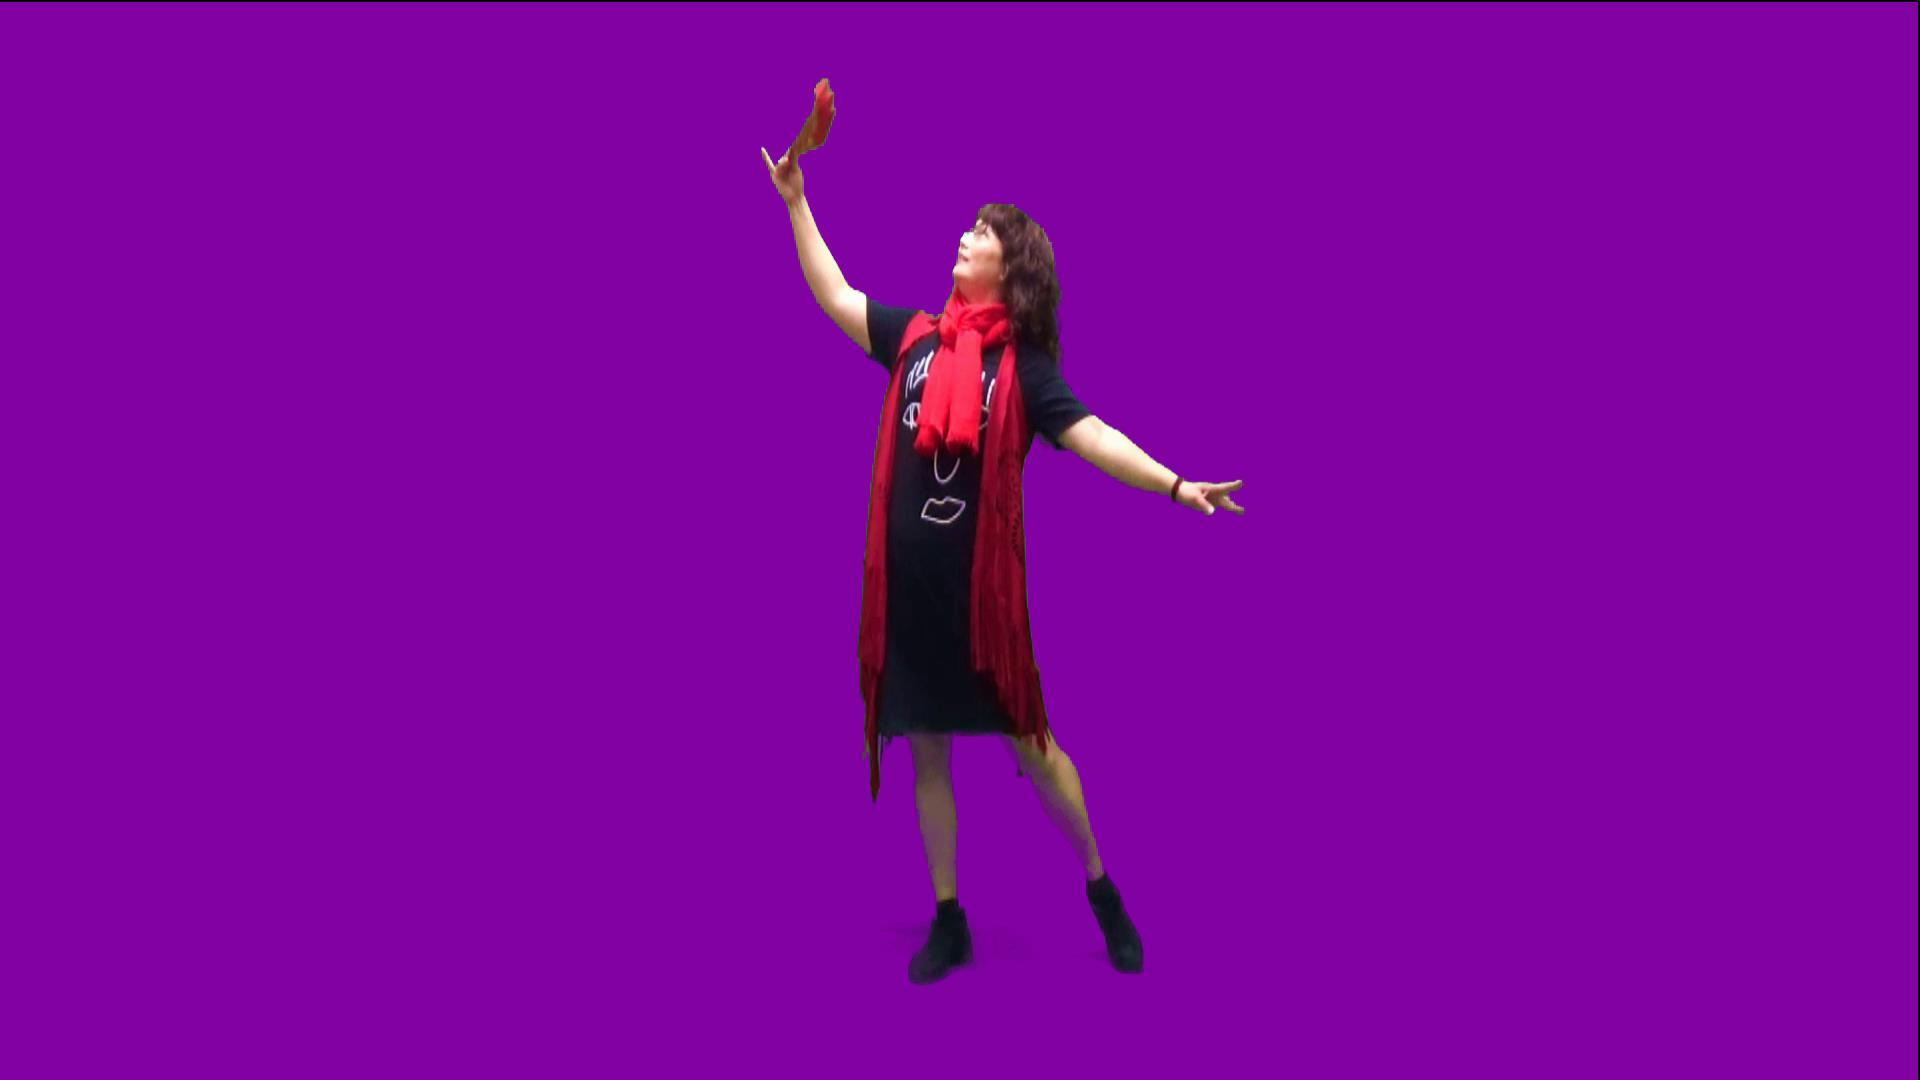 酷舞时代广场舞